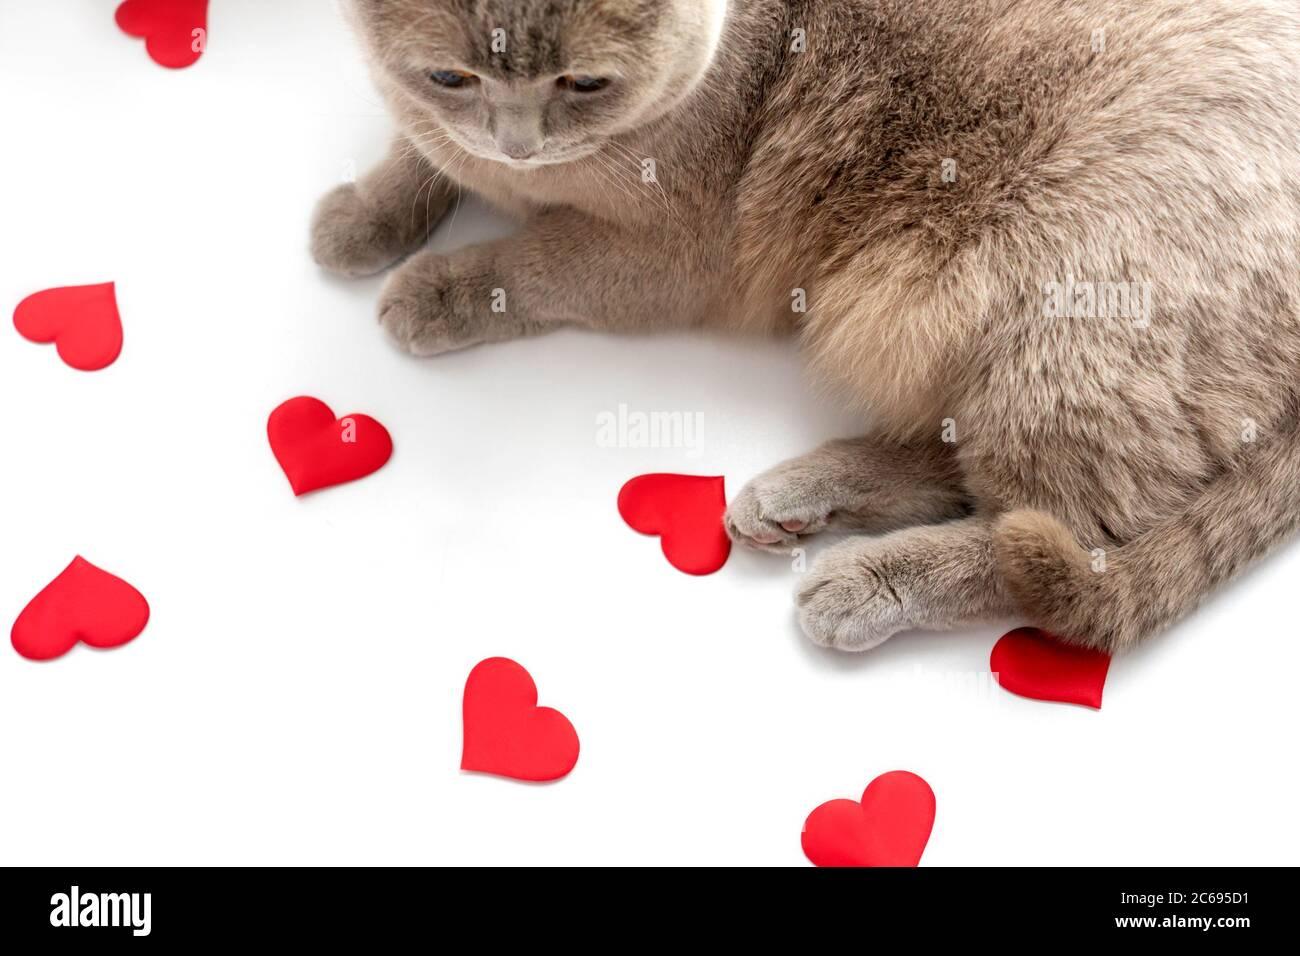 Le chat lilas britannique regarde les coeurs rouges sur fond clair. Concept de la Saint-Valentin. Banque D'Images